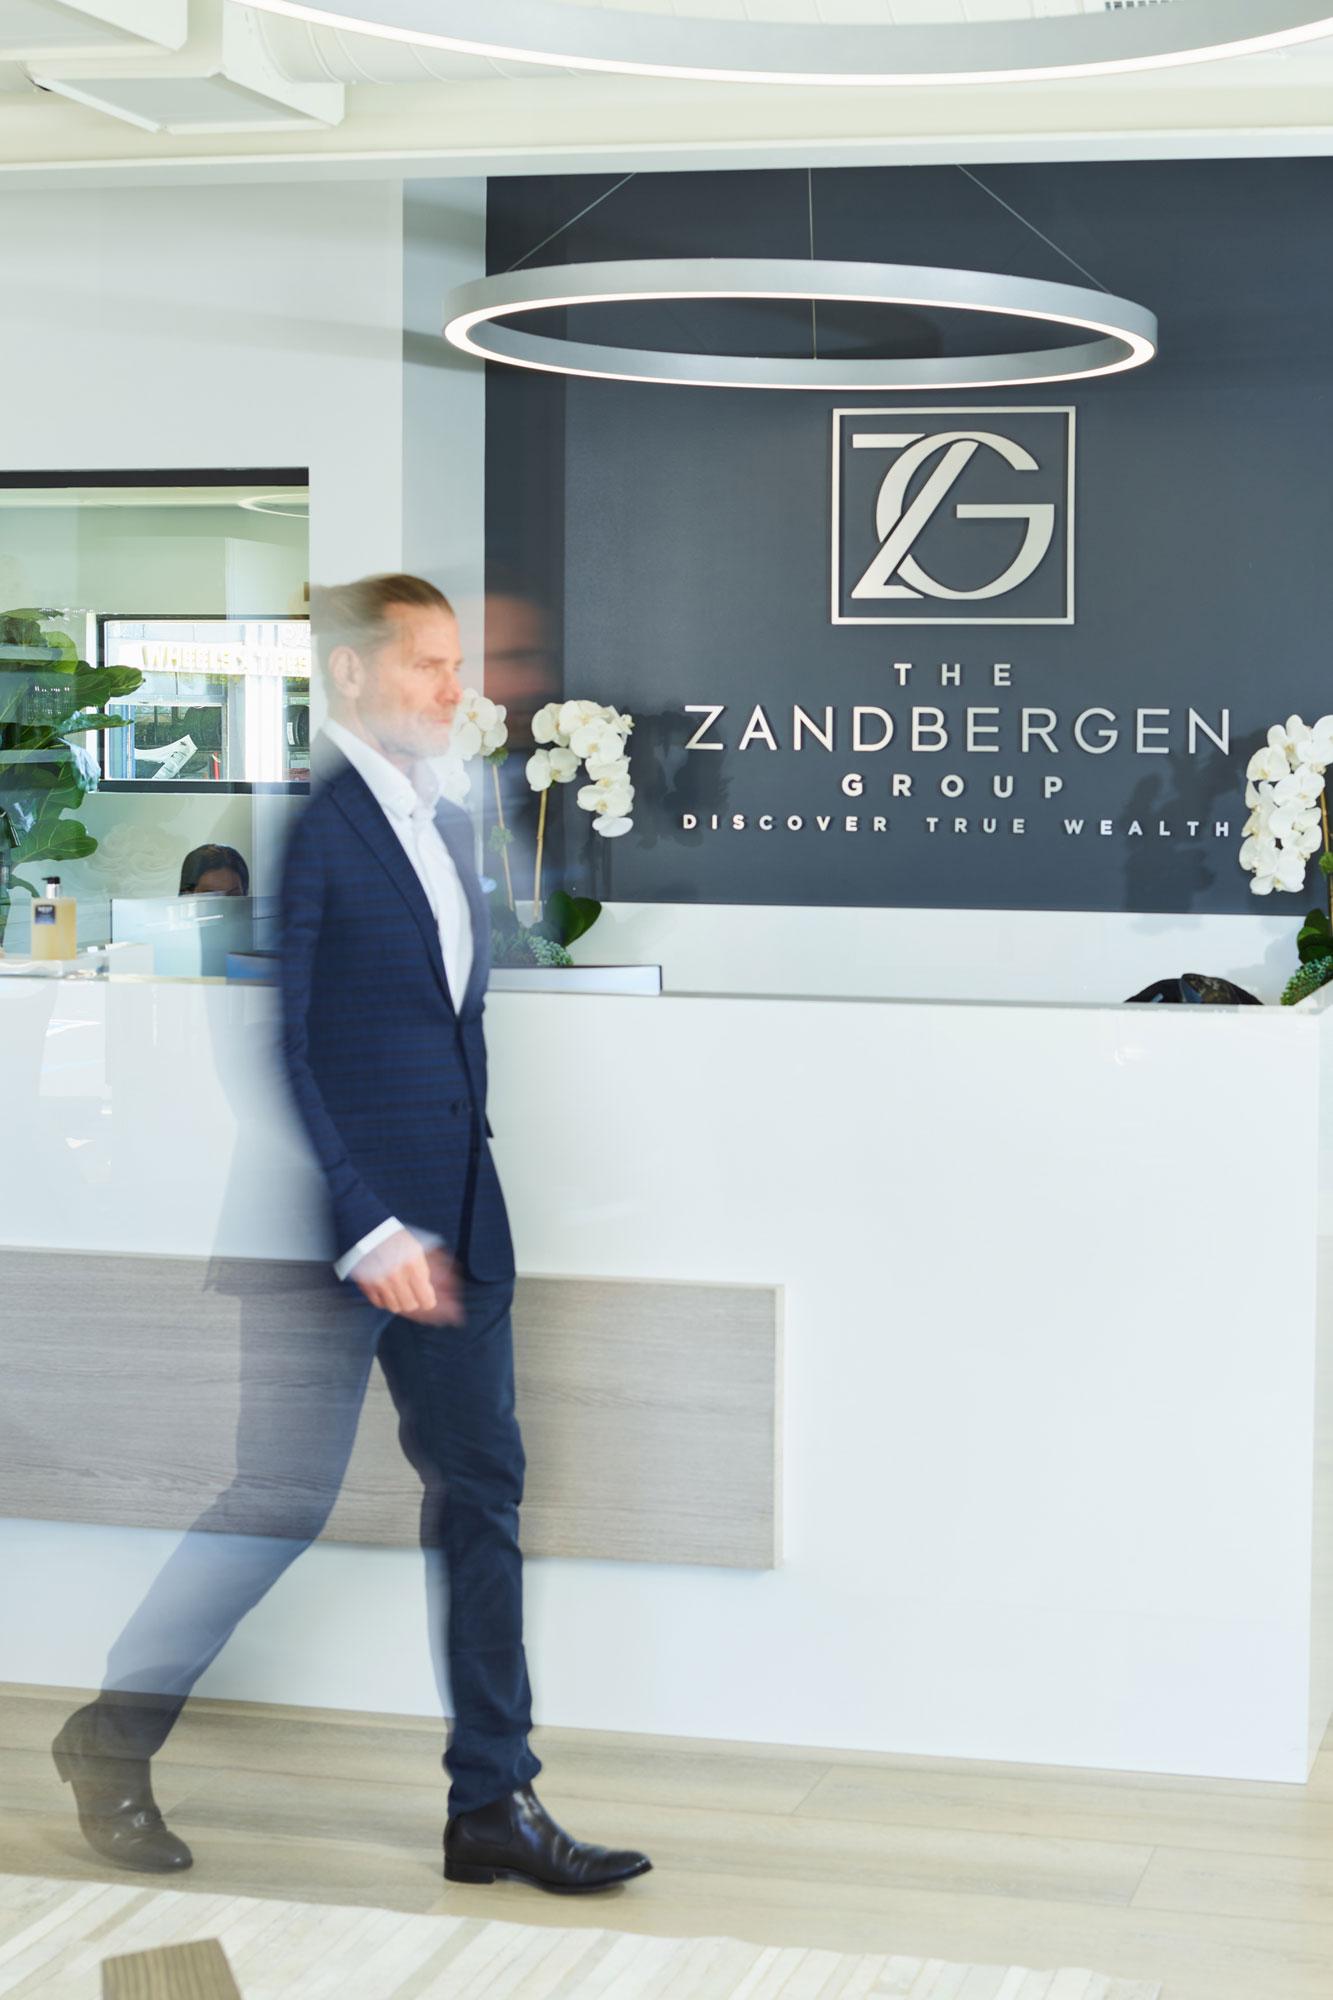 Bart Zandbergen walking in front office